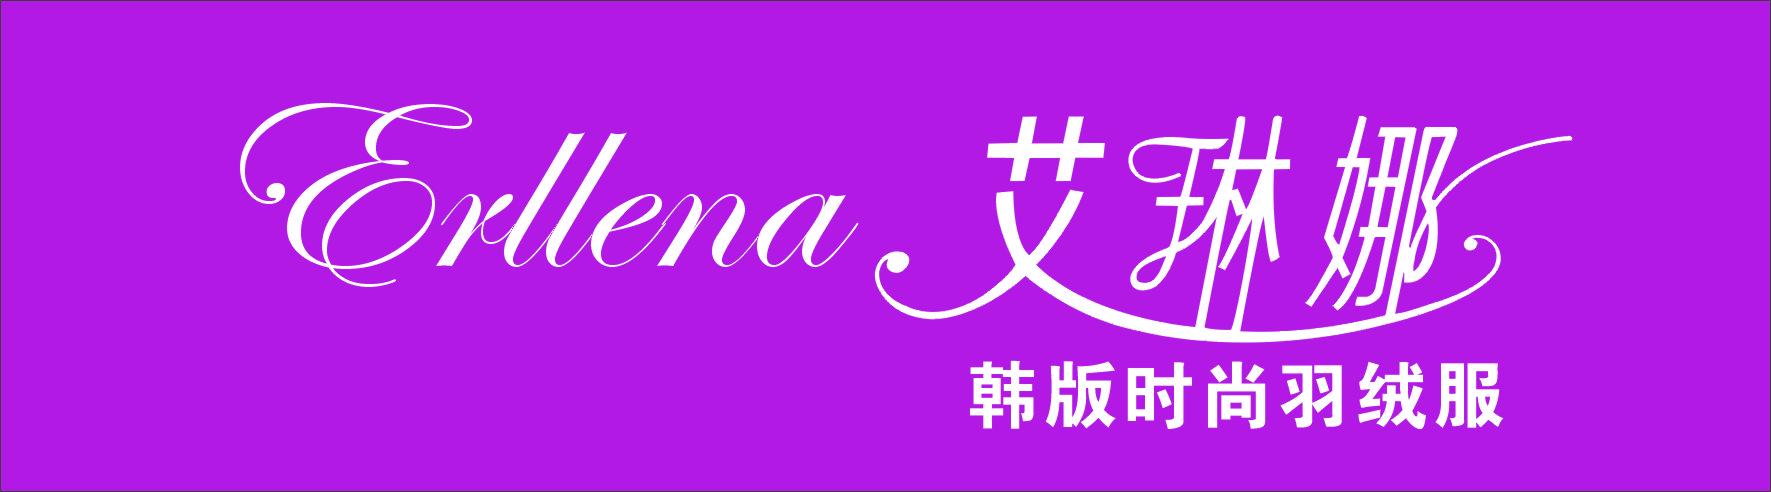 上海法姿服饰有限公司